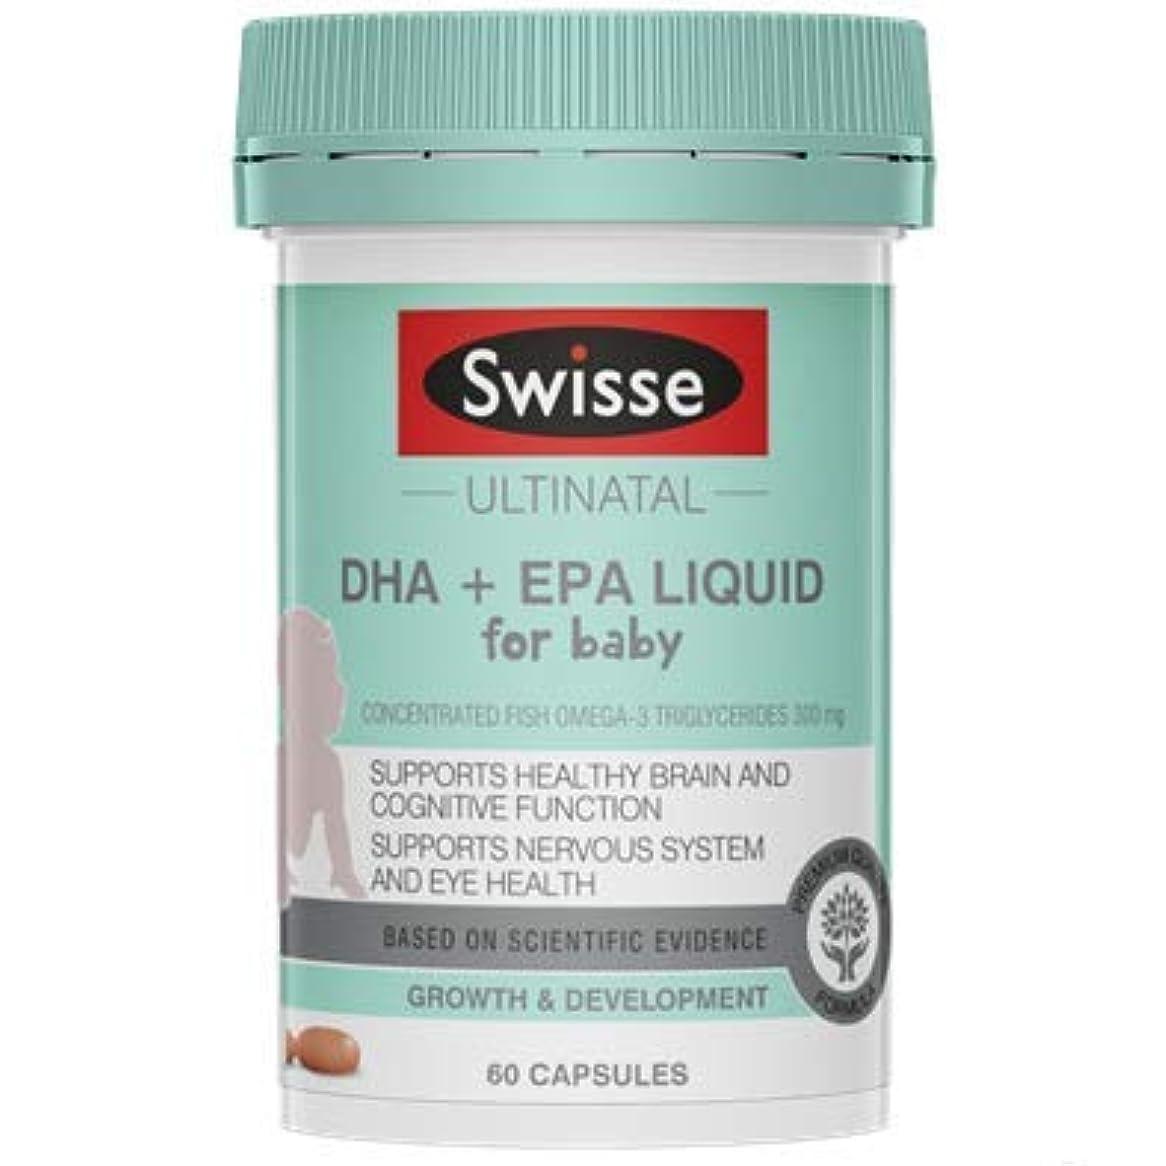 ベギン立証する小説家Swisse Ultinatal DHA + EPA 液体 赤ちゃん用 60カプセル [豪州直送品] [並行輸入品]